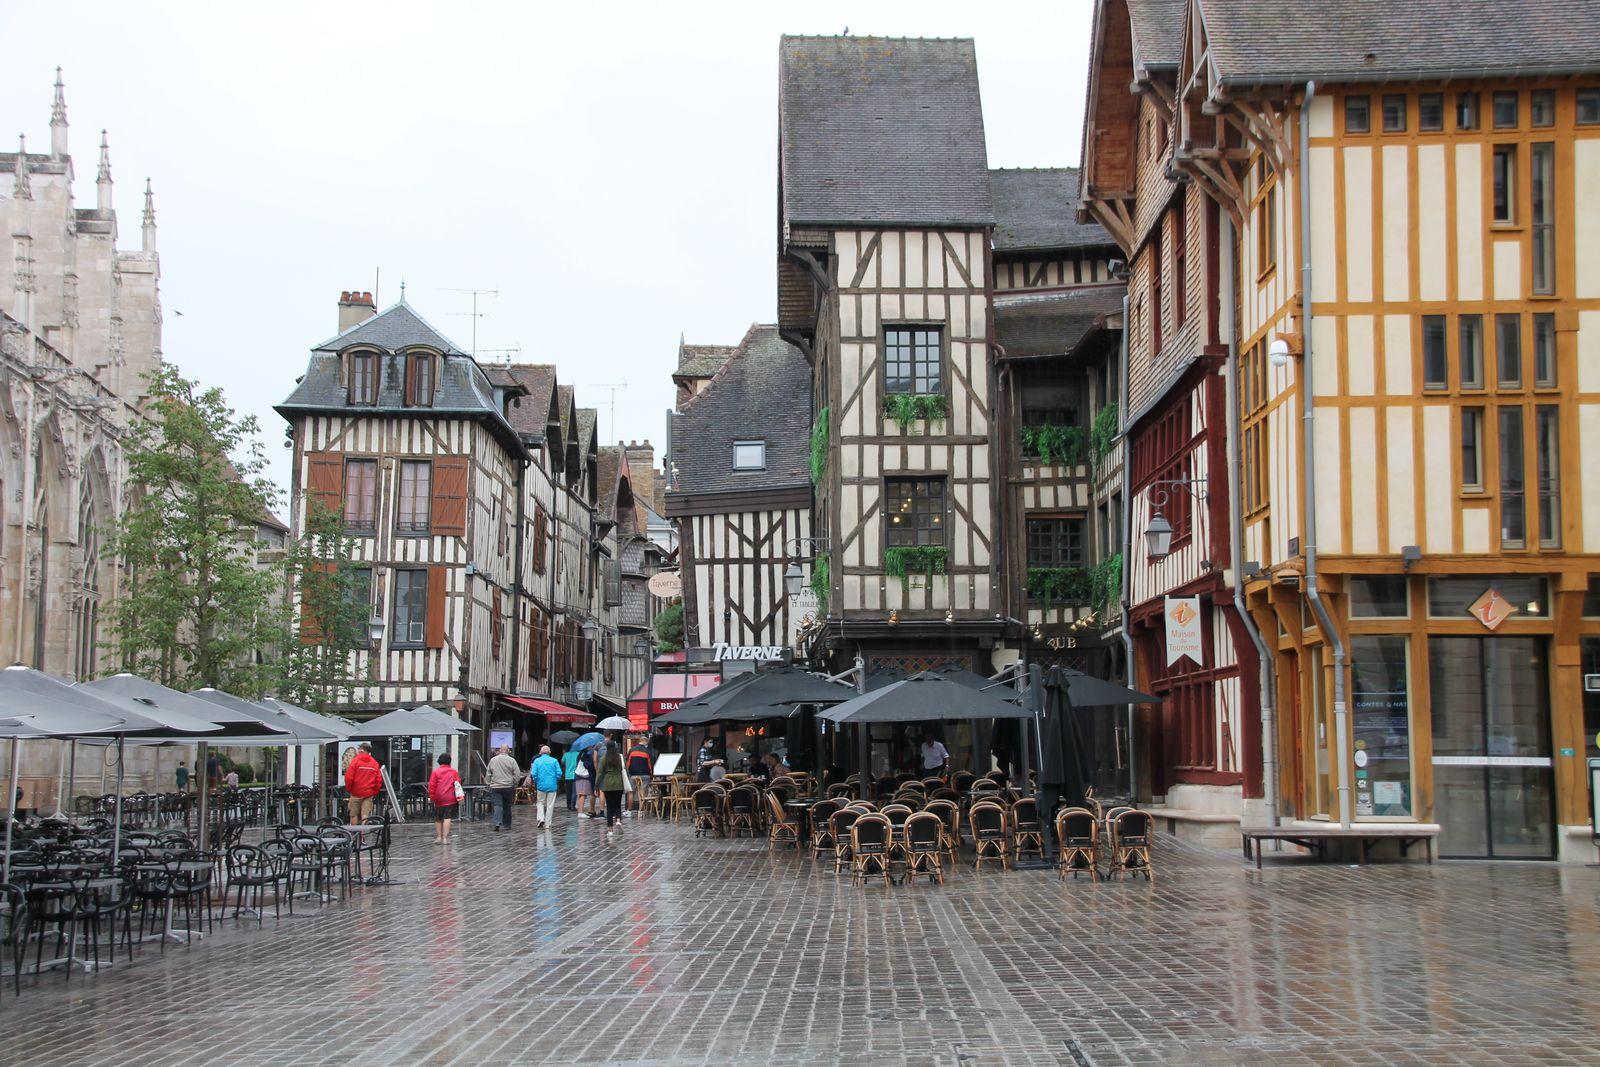 Gratin de pommes de terre au chaource - balade à Troyes